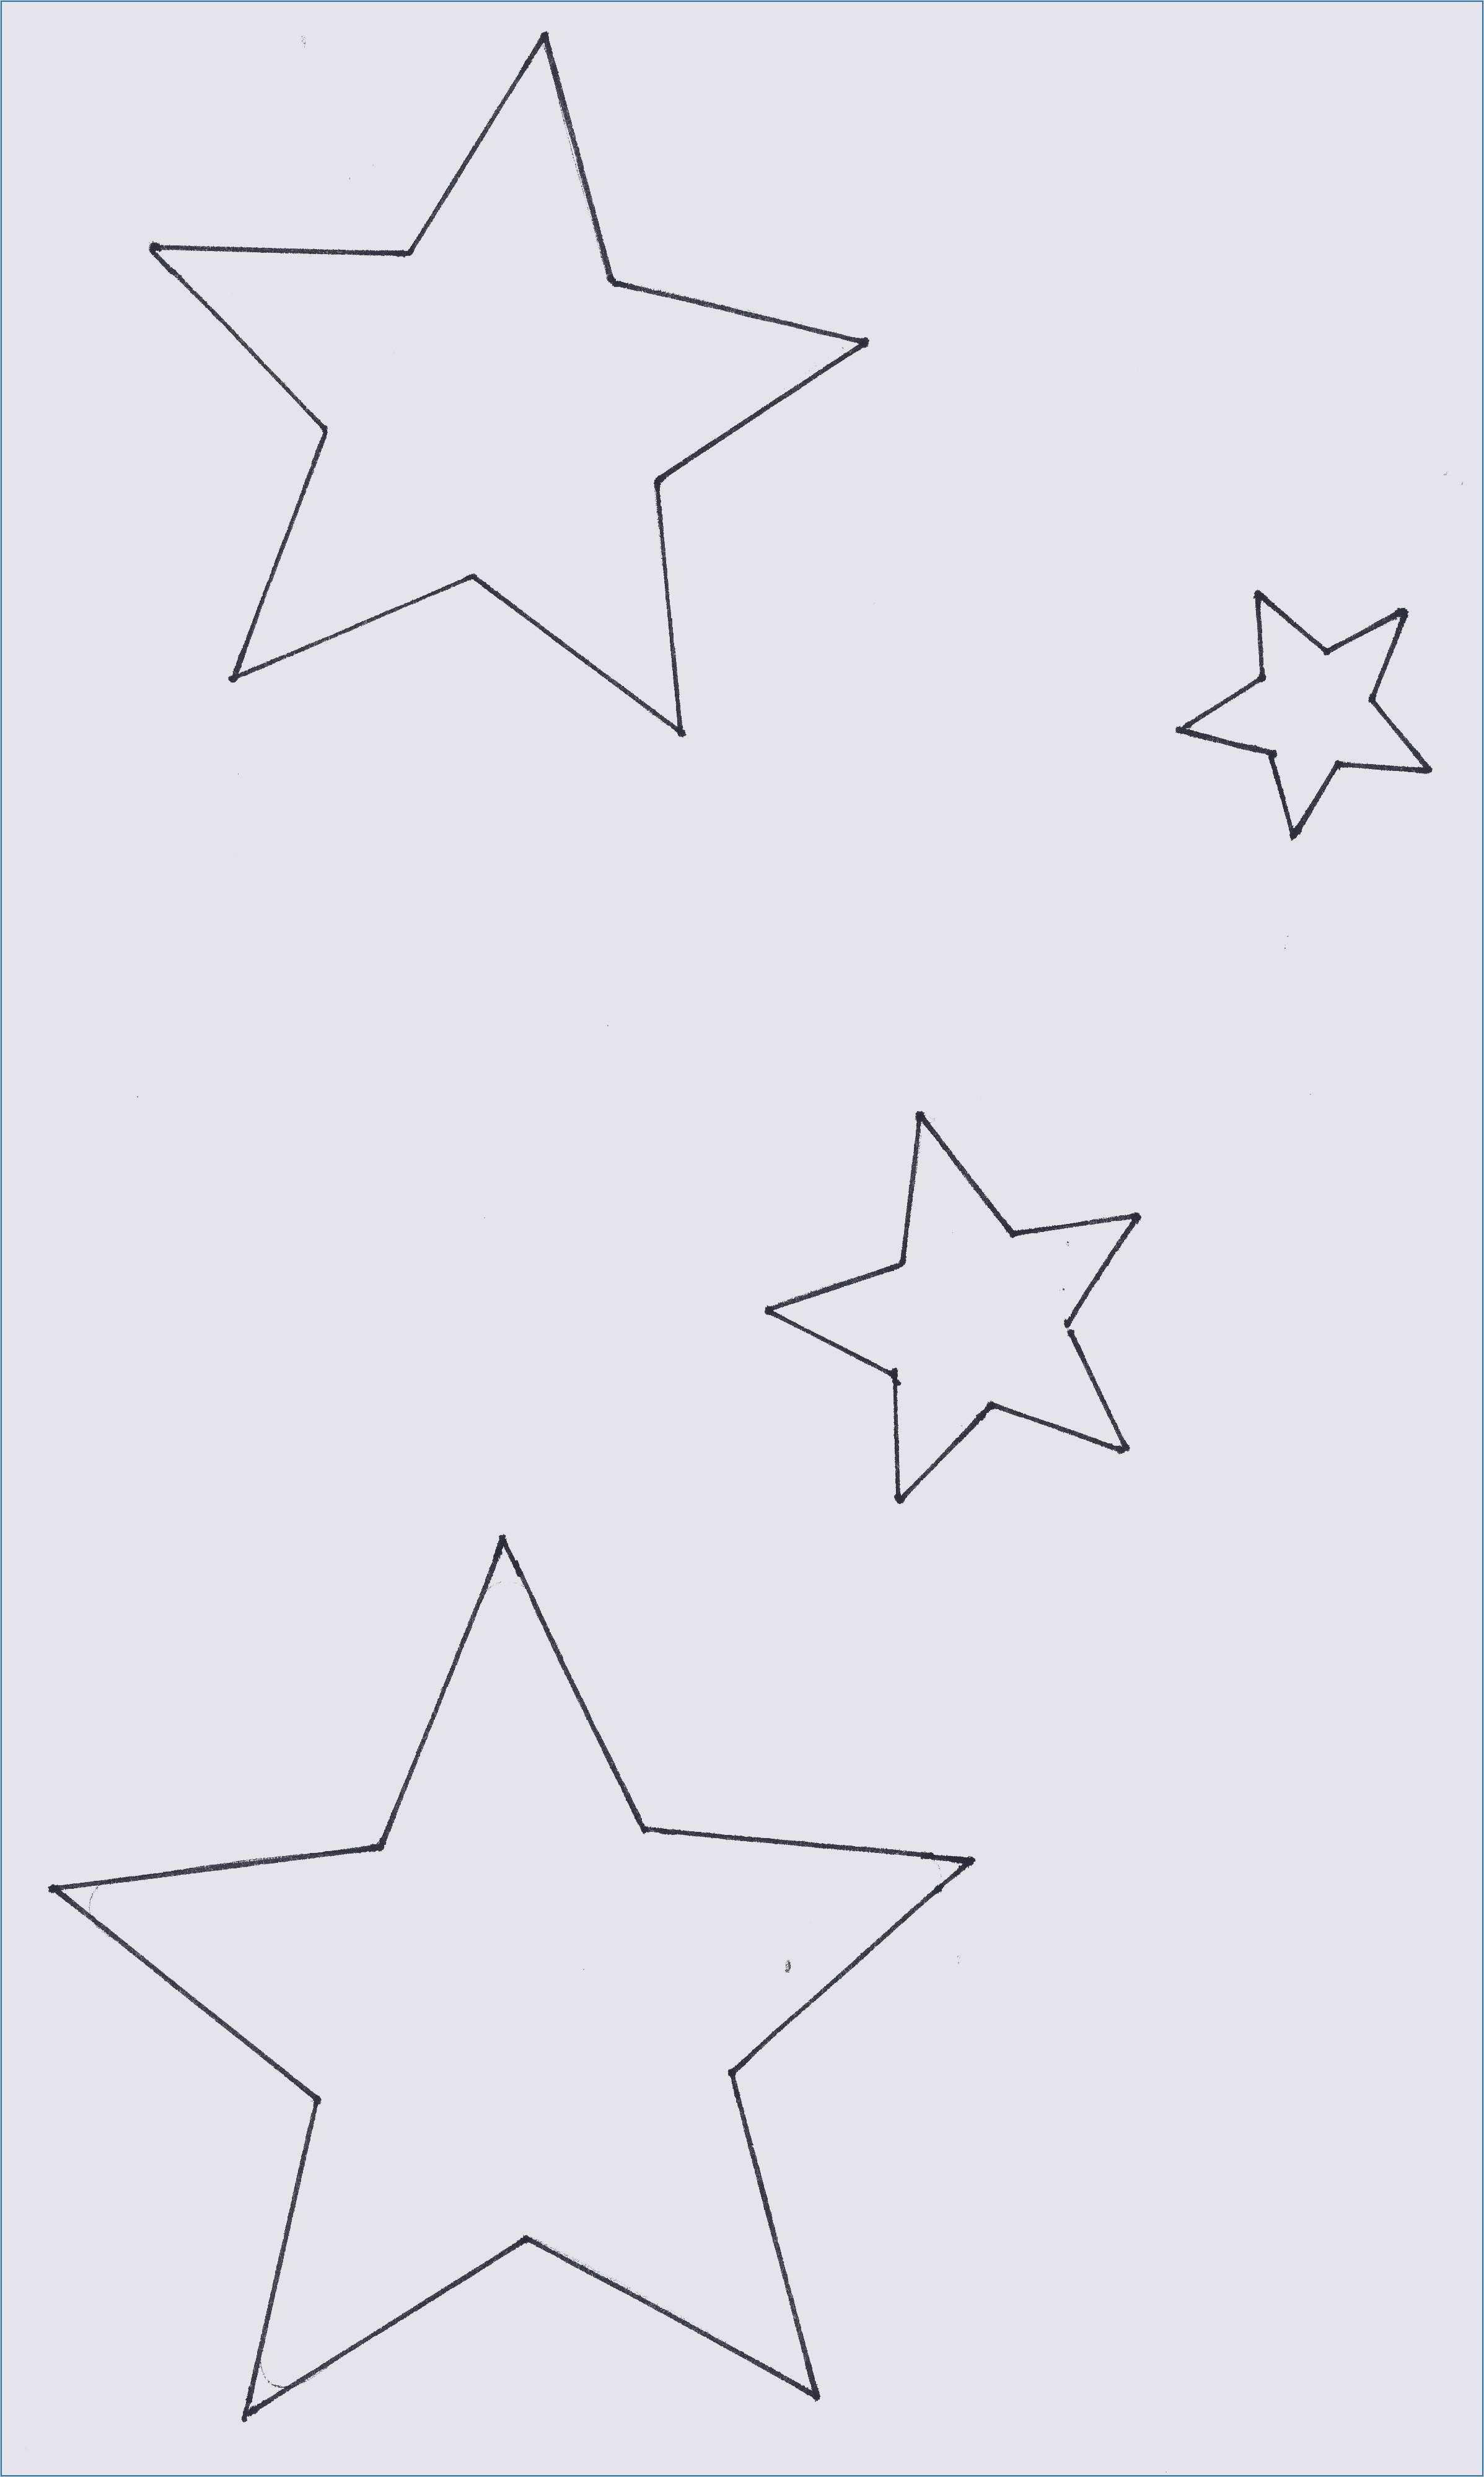 Stern Vorlage Pdf 20 Wunderbar Gut Designt Sie Konnen Einstellen Fur Ihre Wichtigste Weihnachten Basteln Vorlagen Sterne Basteln Vorlage Weihnachtsbaum Vorlage